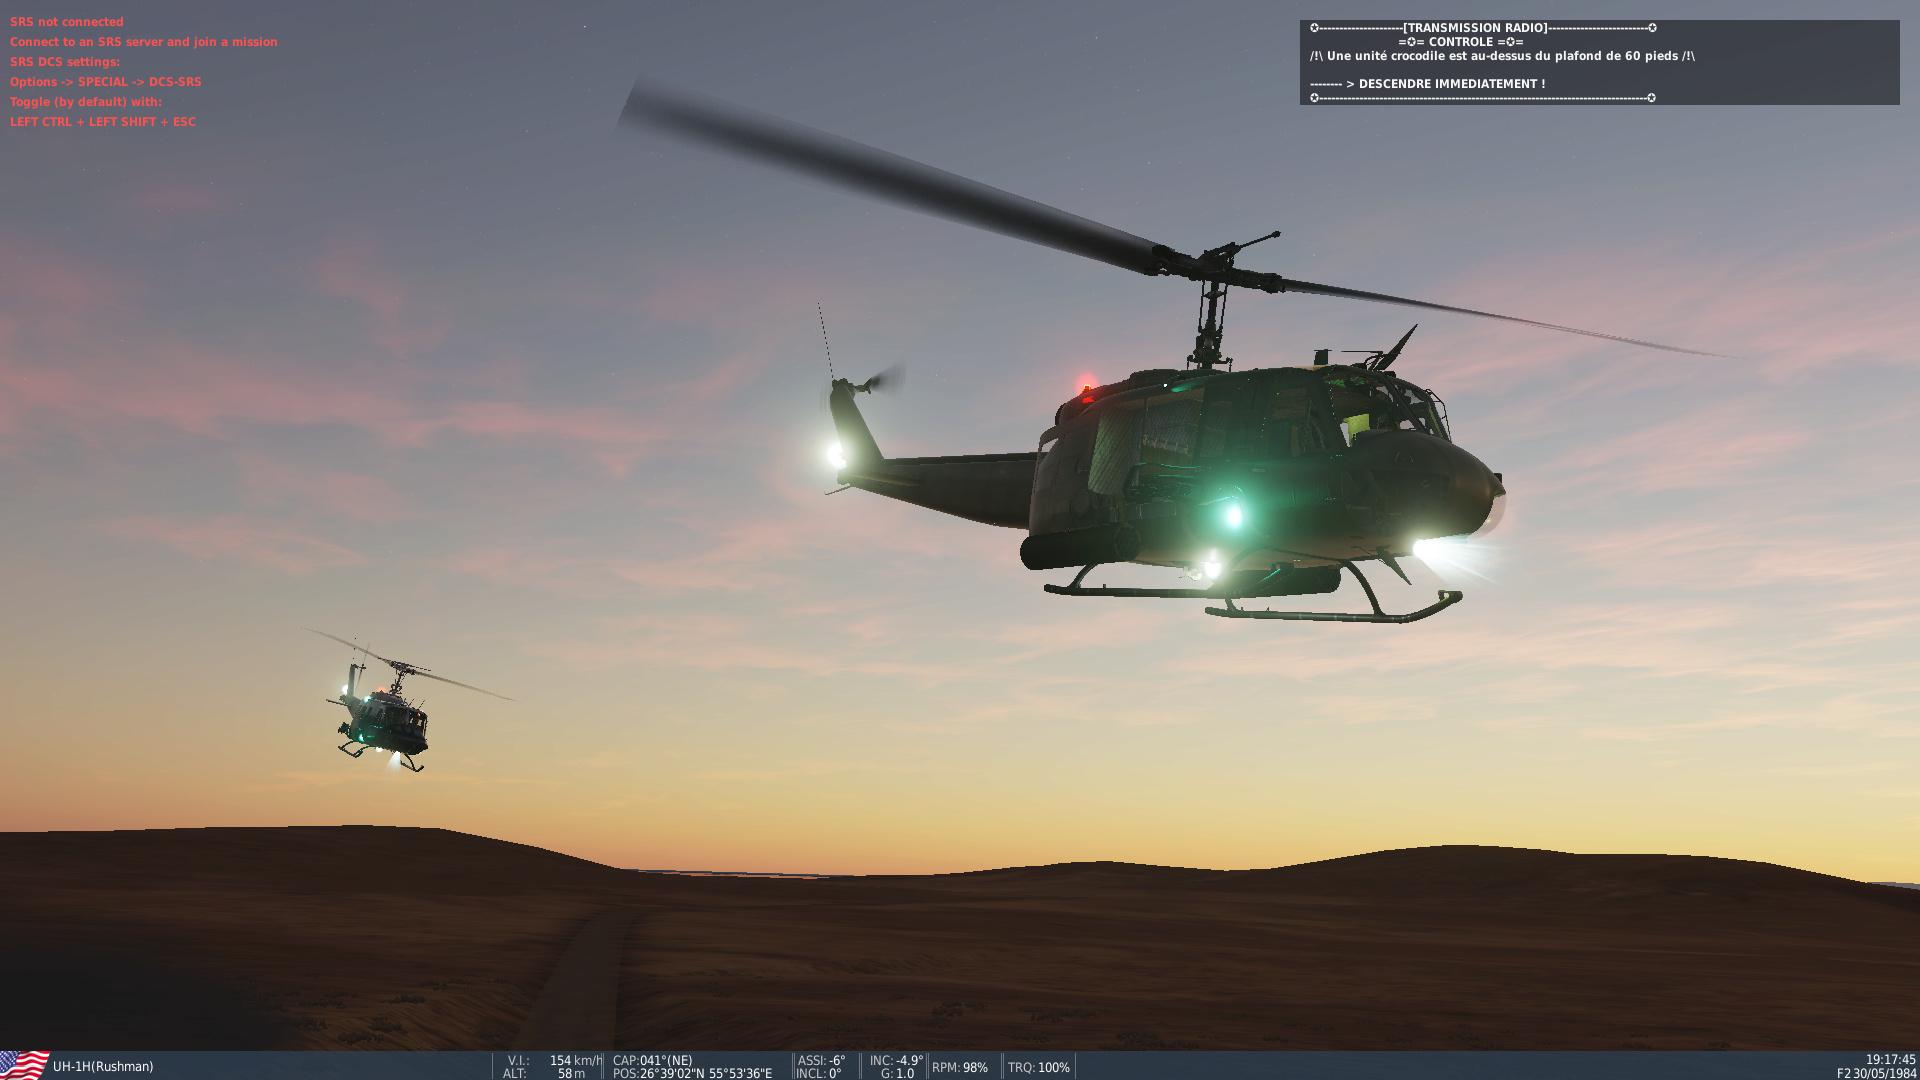 [Cursus UH-1H Huey] Photos de nos missions - Page 2 Screen18